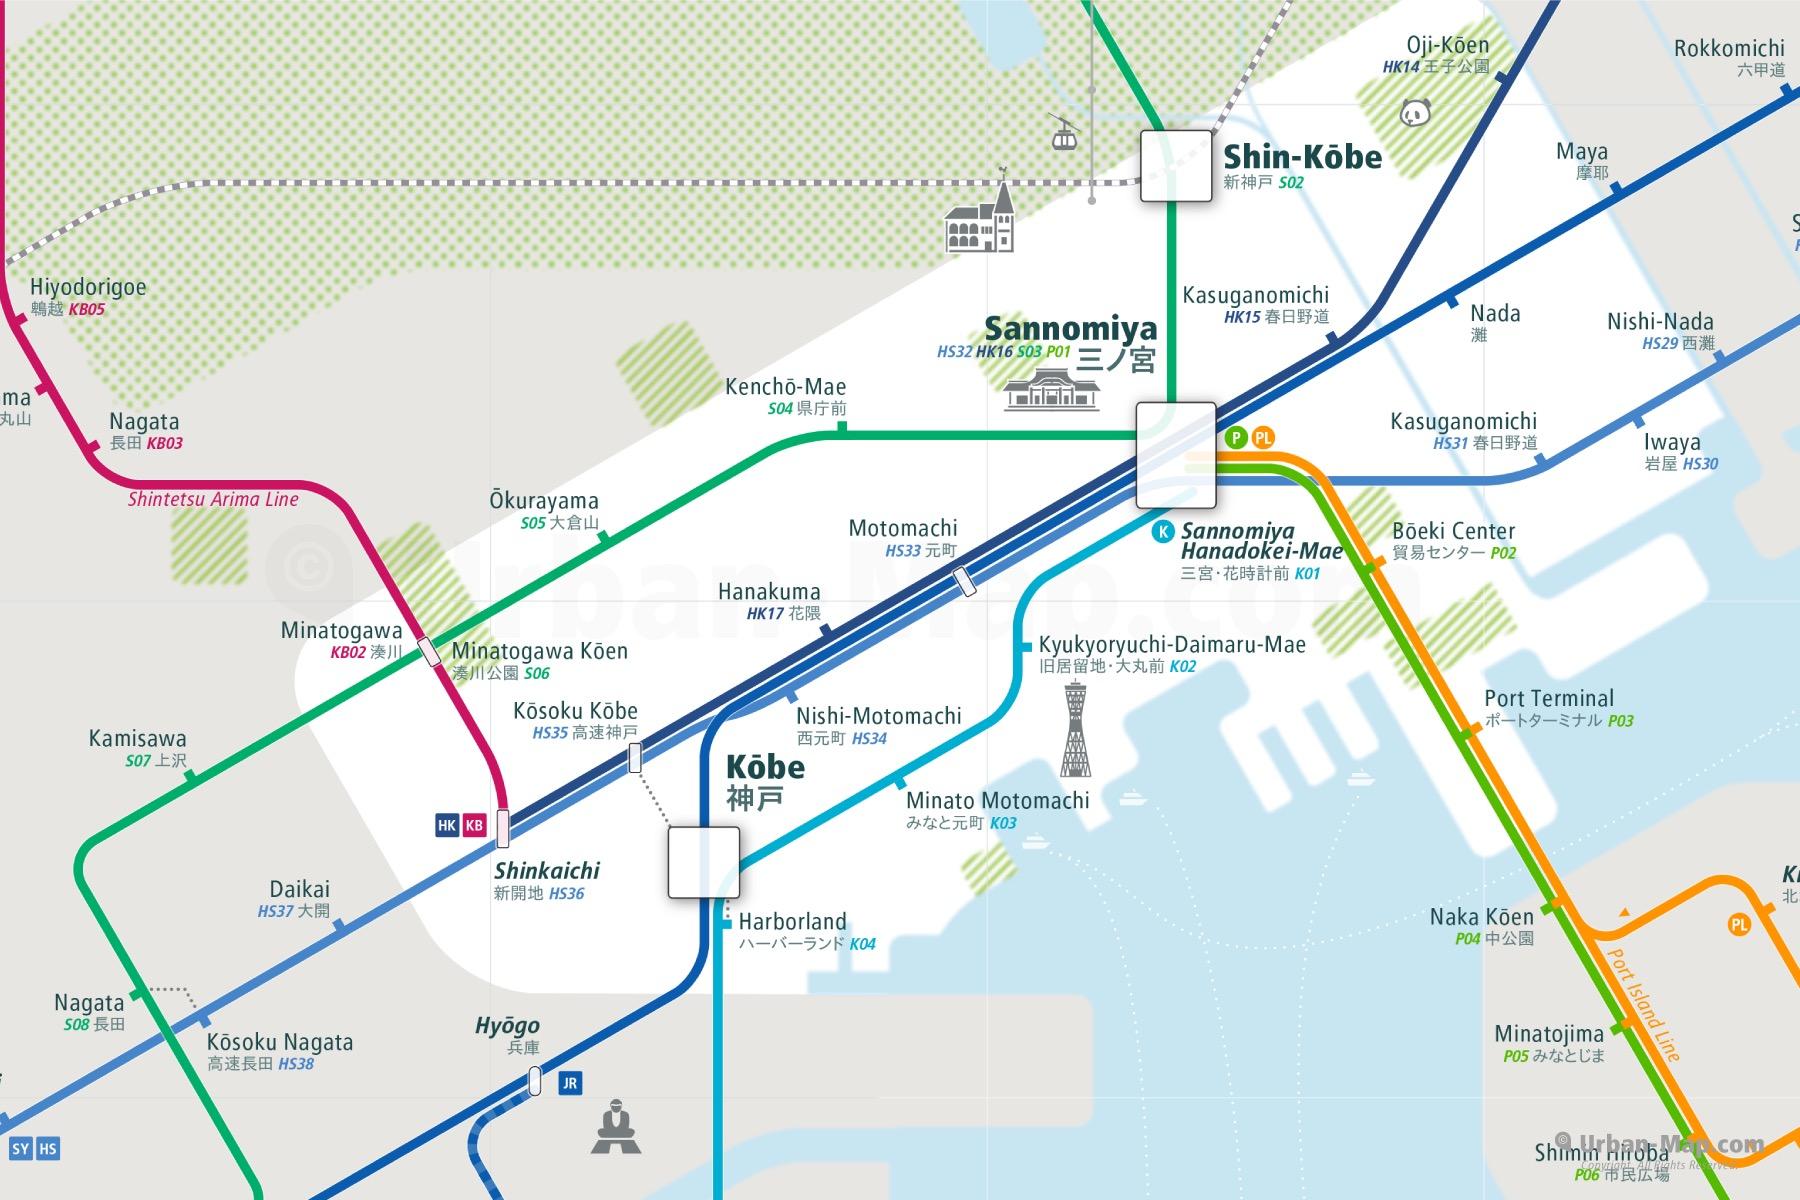 Kobe Rail Map A Smart City Guide Map Even Offline